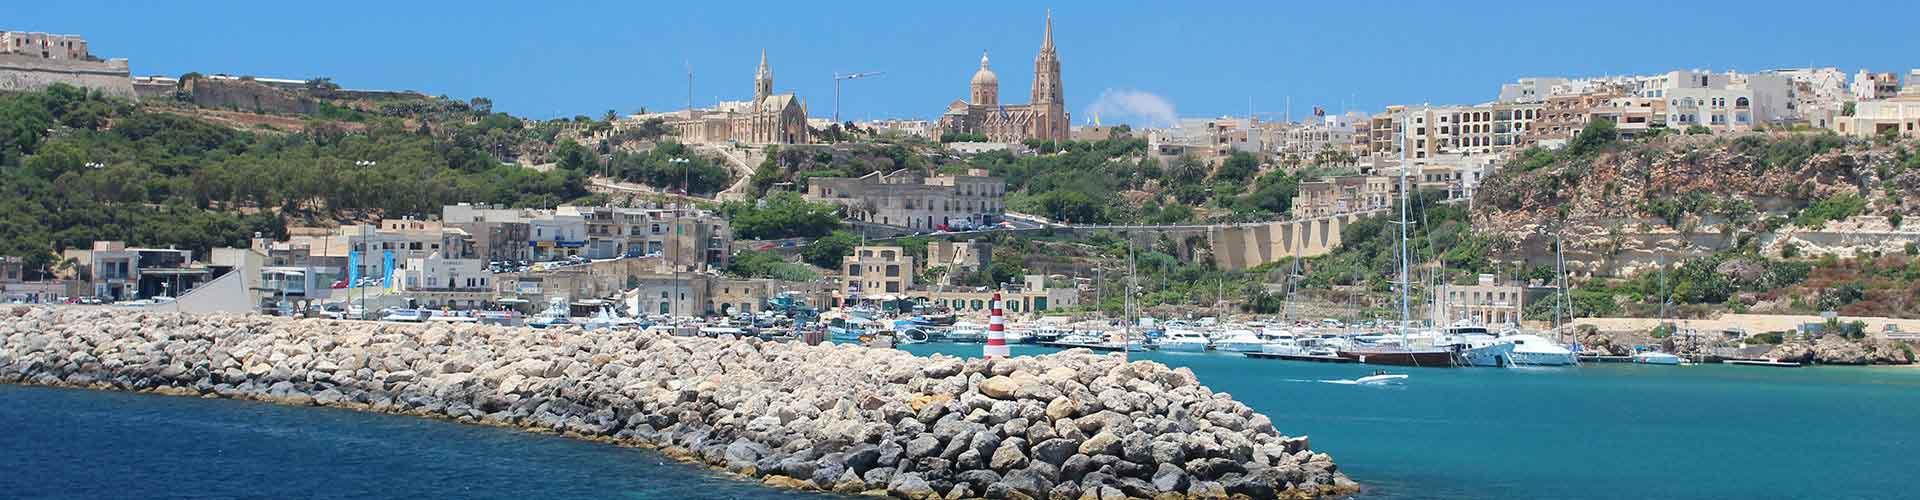 Gozo - Auberges de jeunesse à Gozo. Cartes pour Gozo, photos et commentaires pour chaque auberge de jeunesse à Gozo.